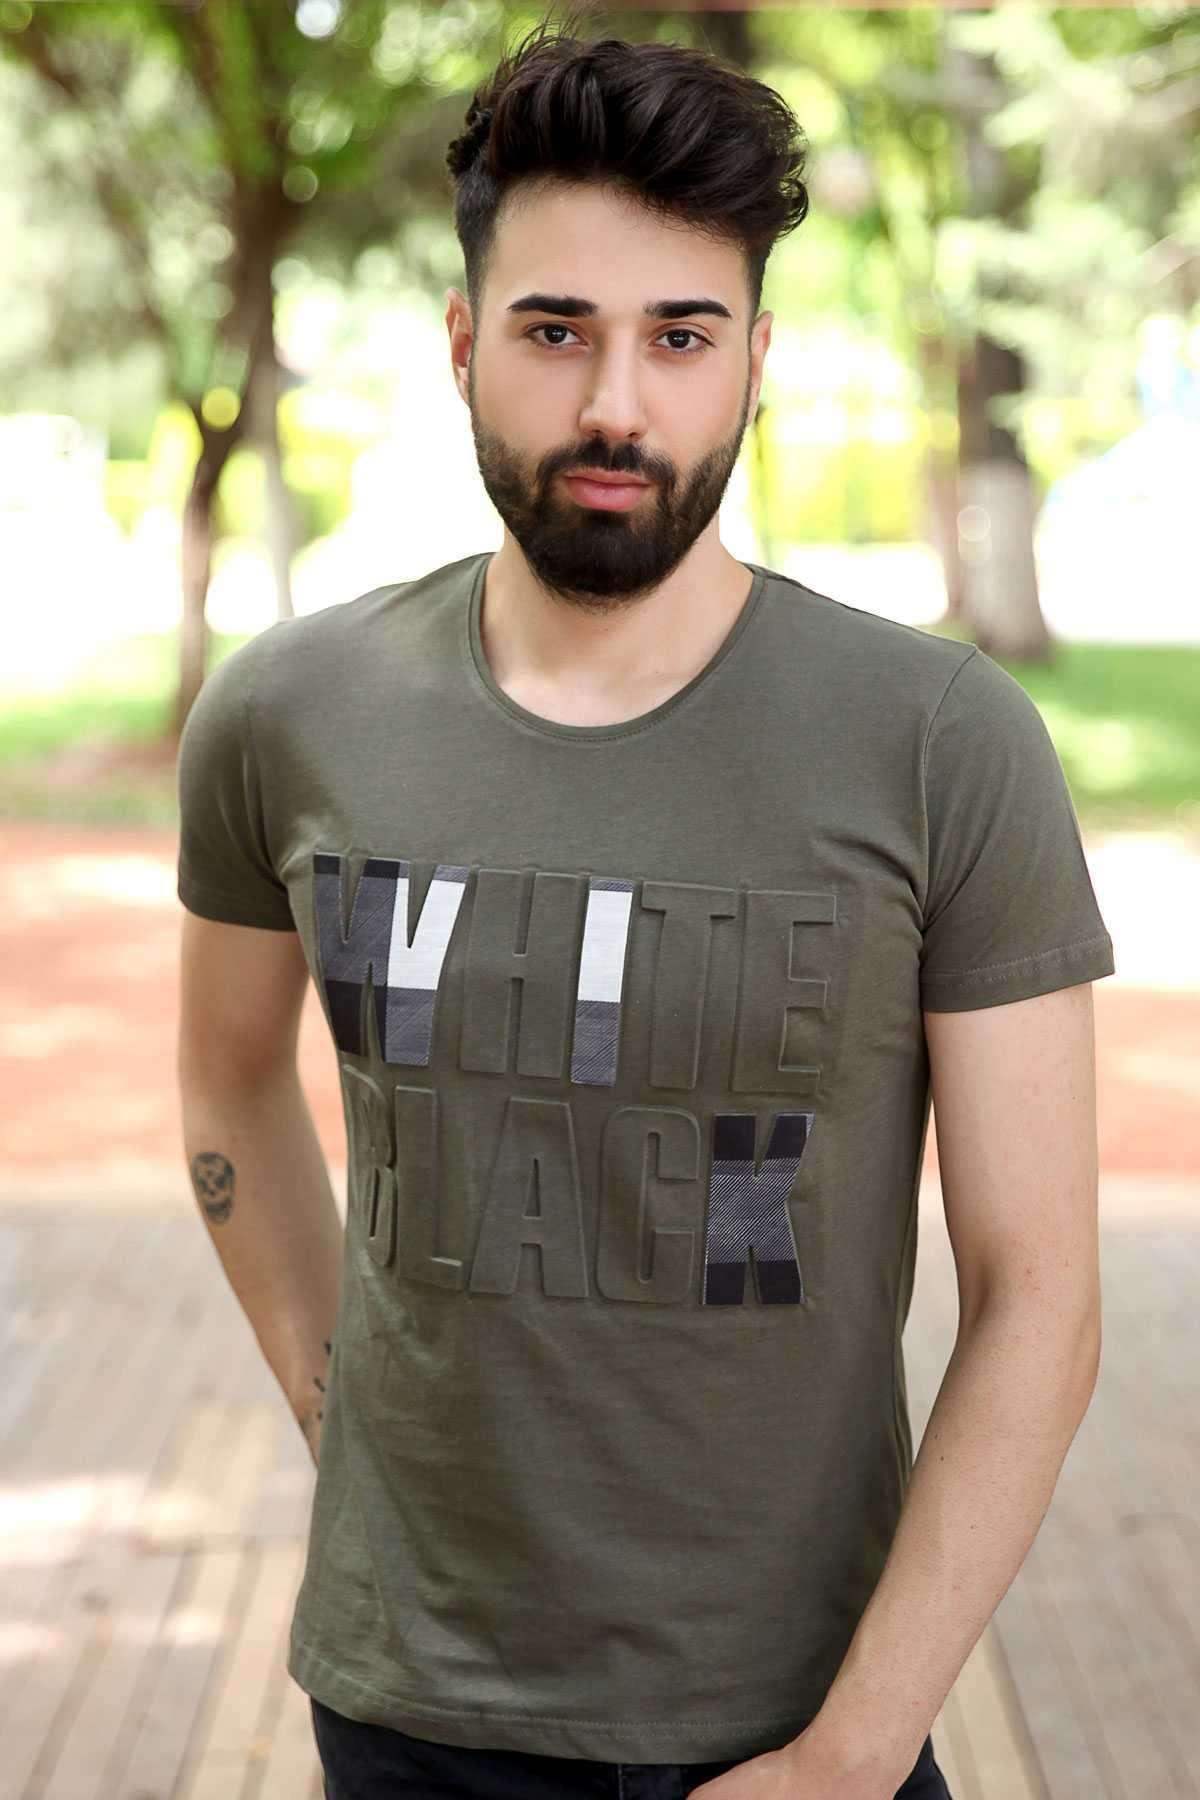 Önü Kabartma White Black Yazılı Slim Fit Tişört Haki